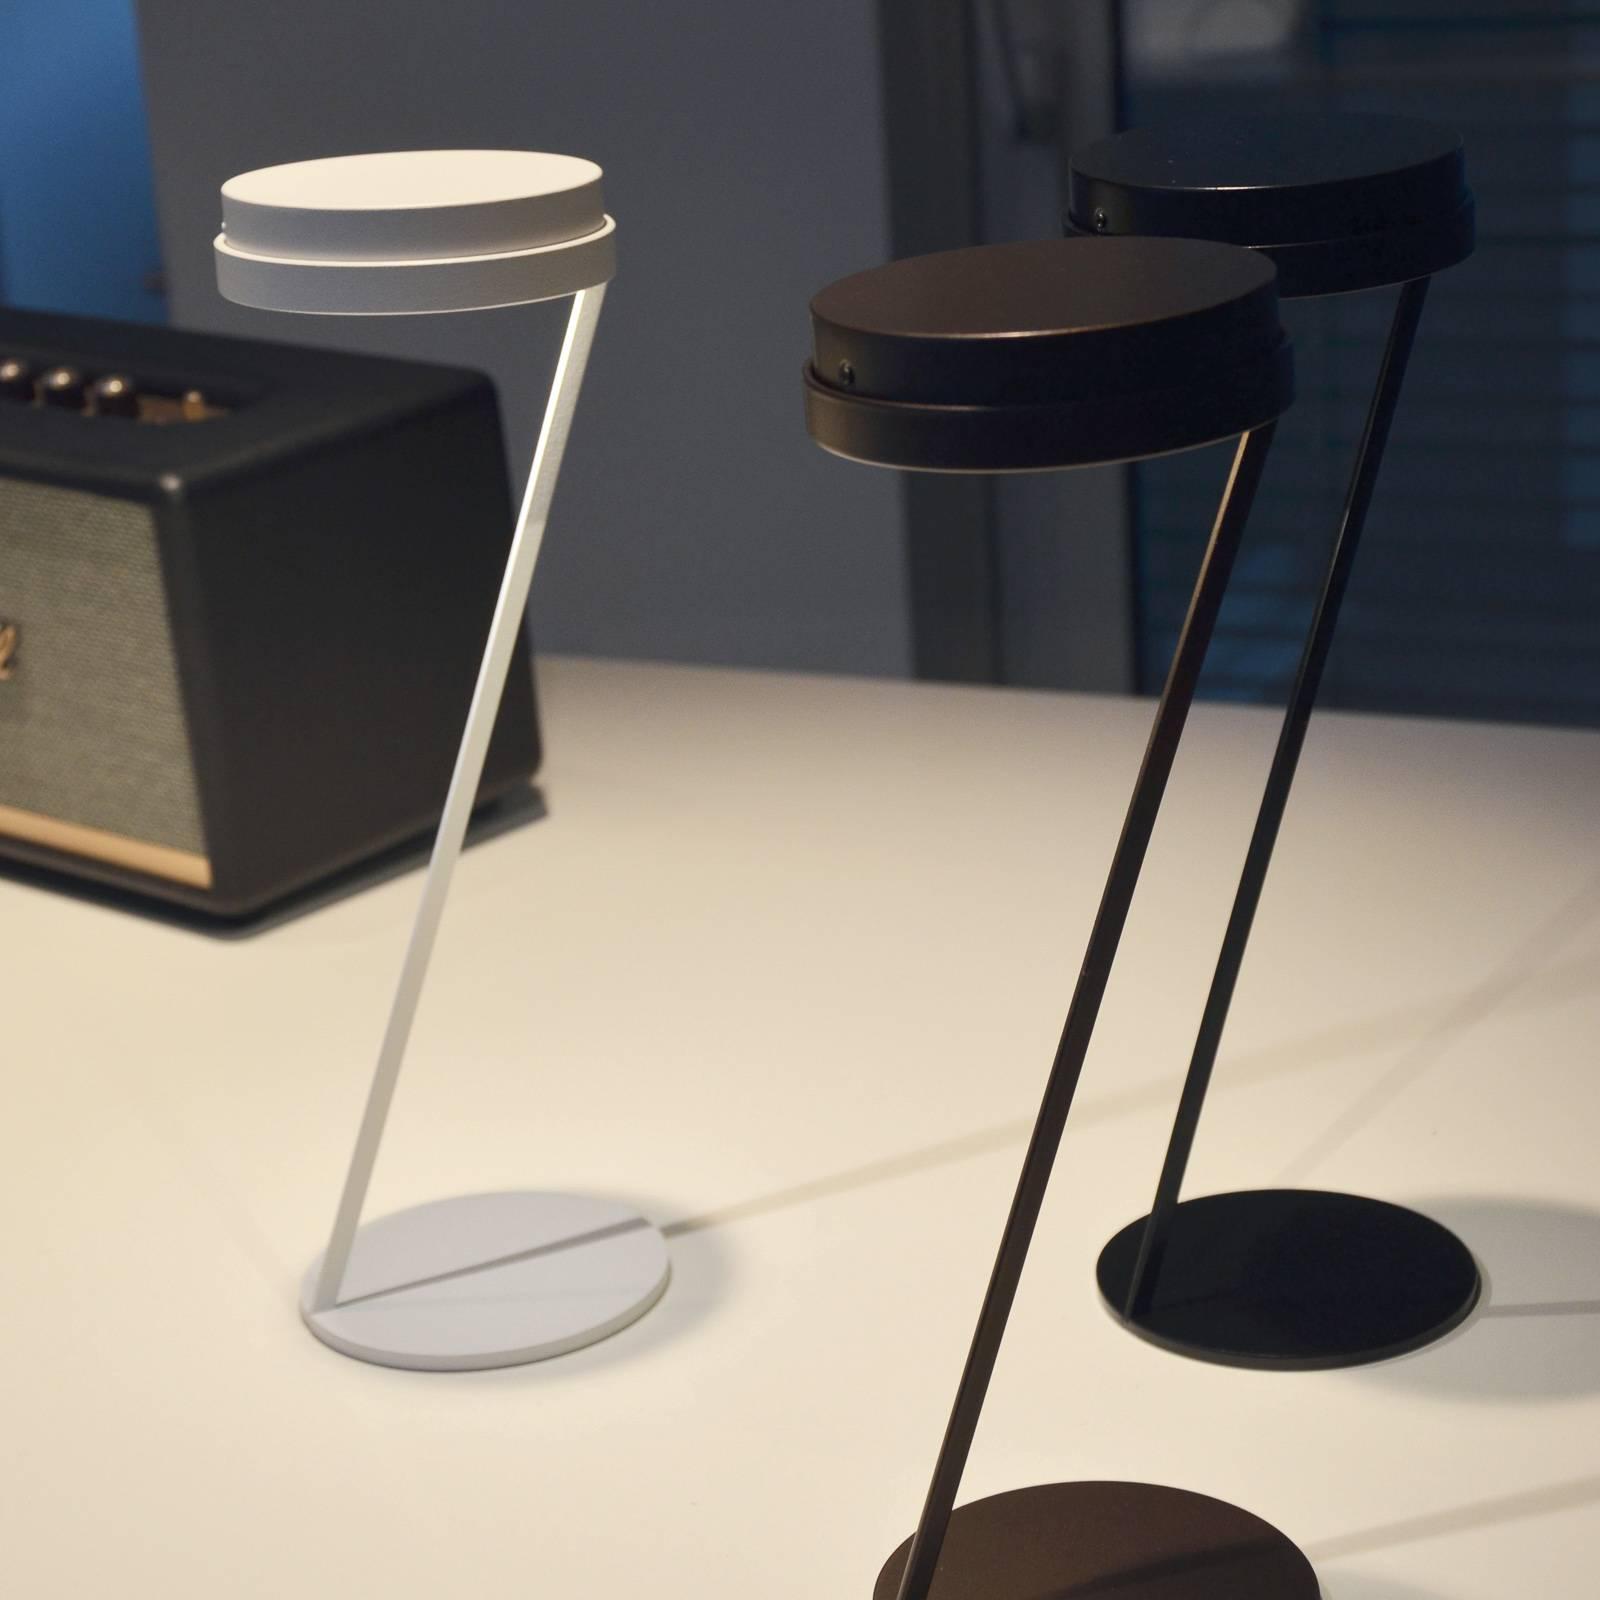 Knikerboker Zeta LED-pöytävalo tunnistin valkoinen